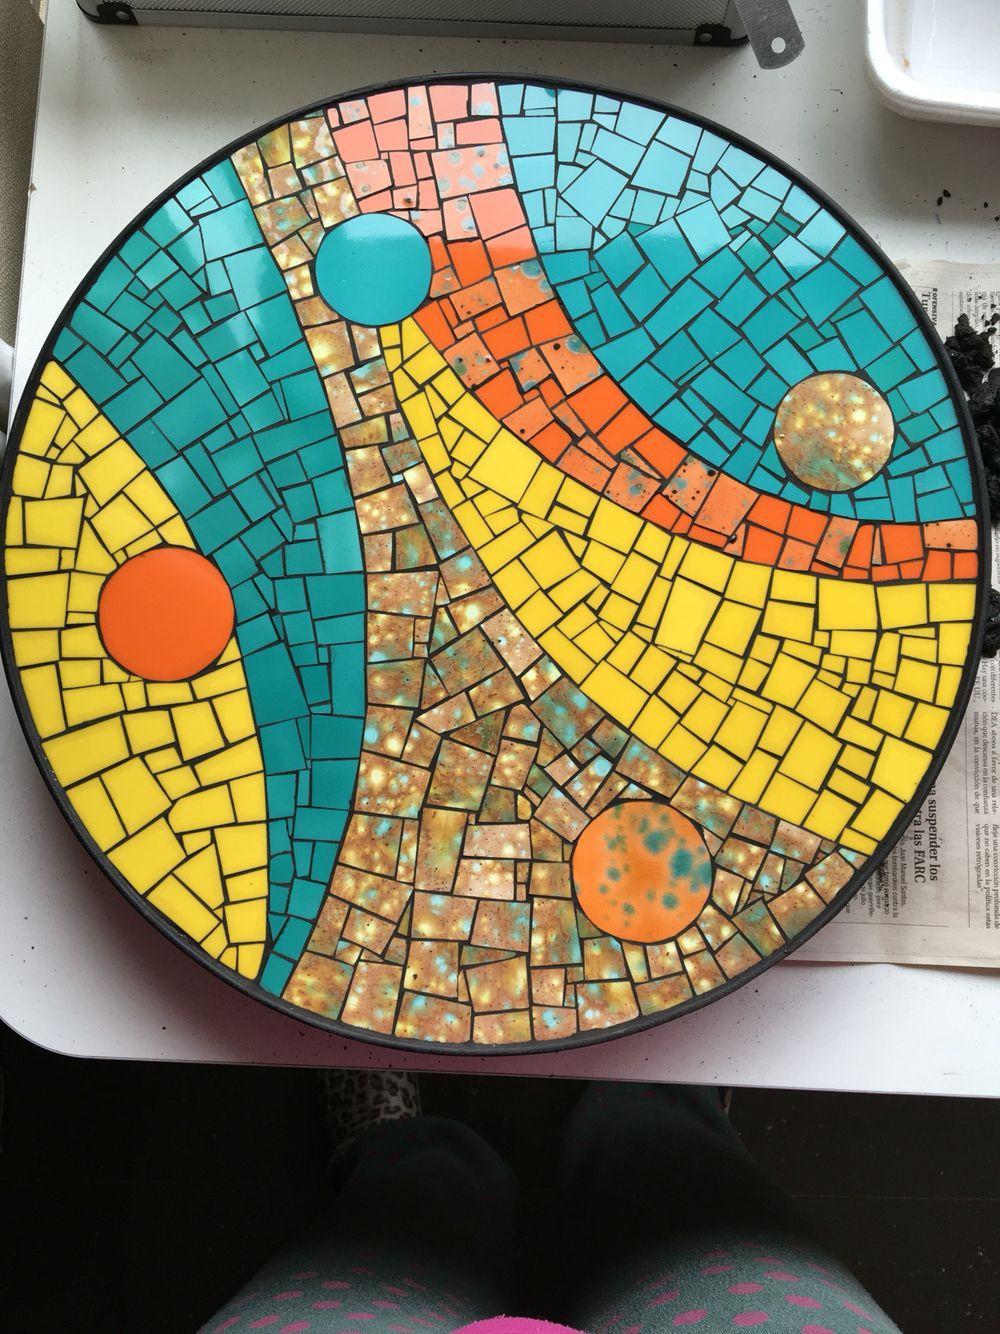 Tornamesa de 40 cm   mosaiquismo   Pinterest   Mosaicos, Mesas y ...